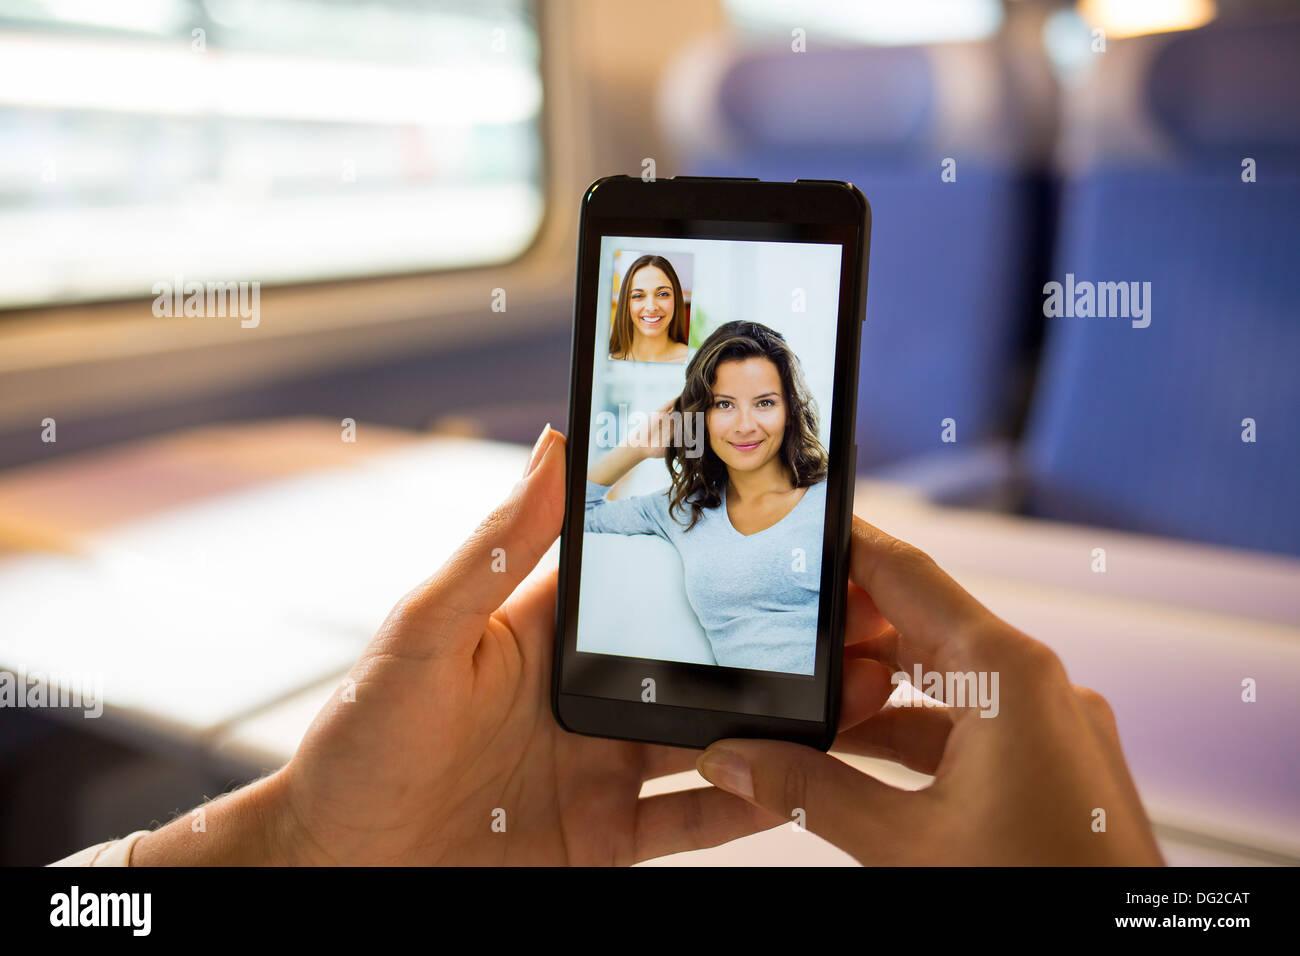 Femme en train de discuter sur son téléphone mobile. Conférence vidéo Photo Stock